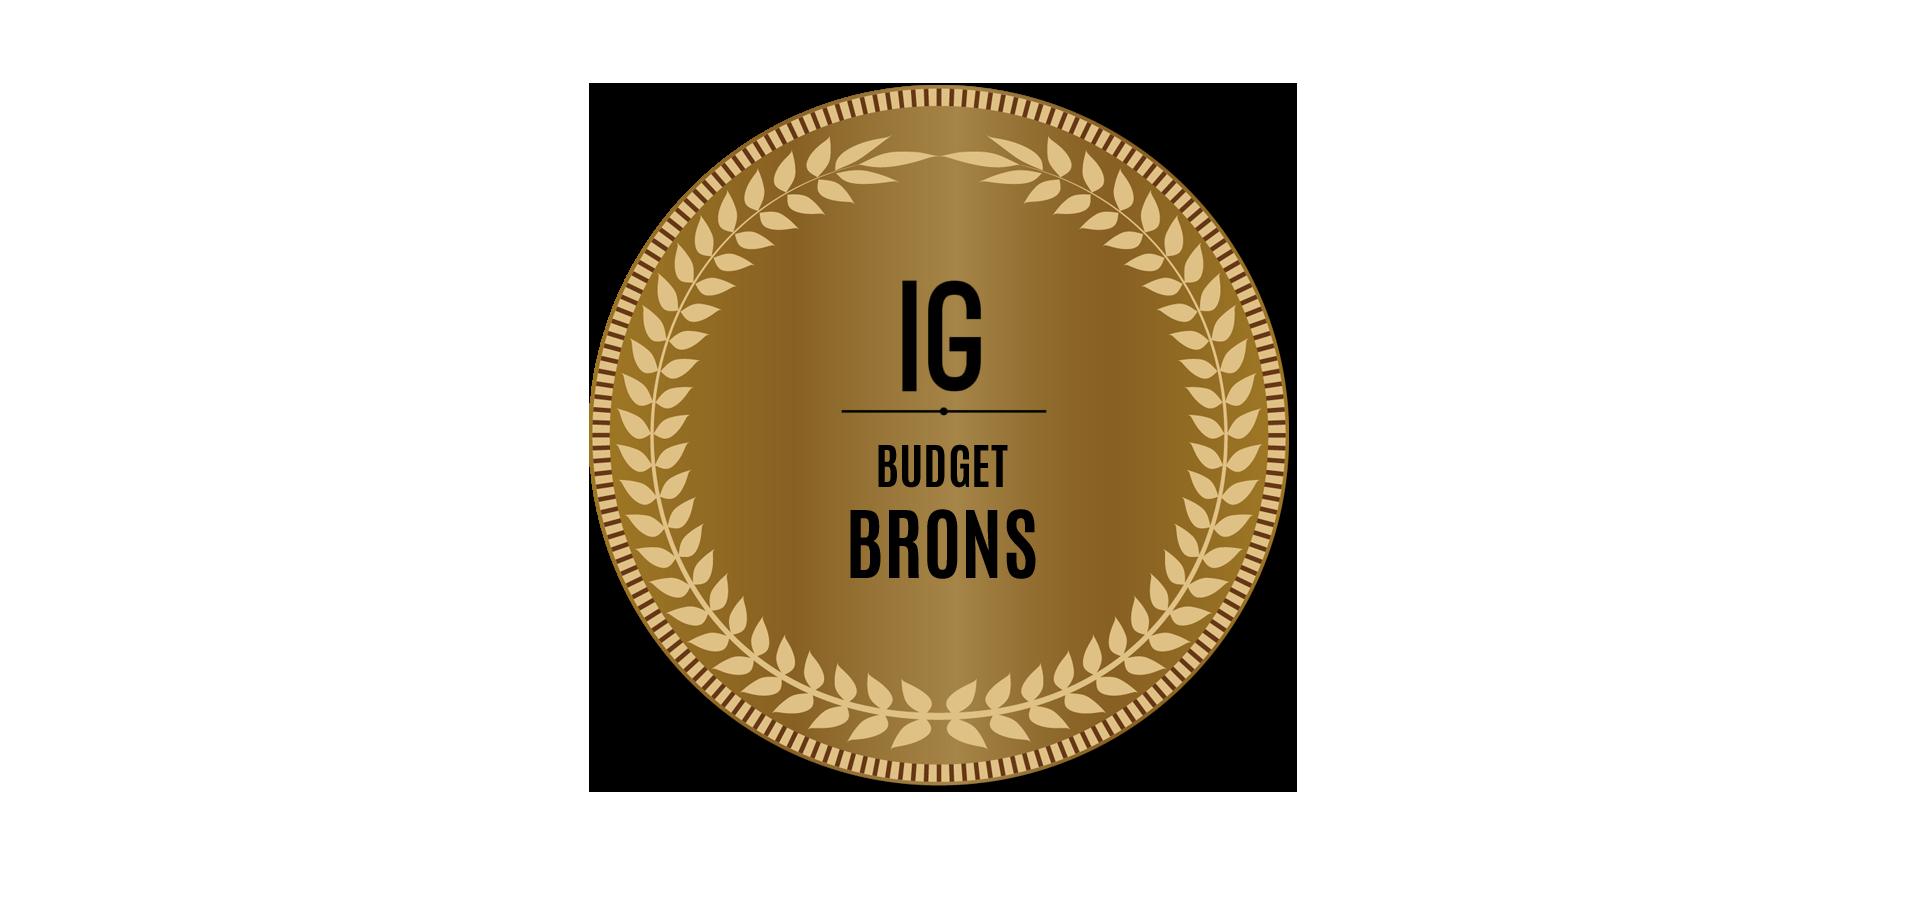 ig-budget-brons-v2